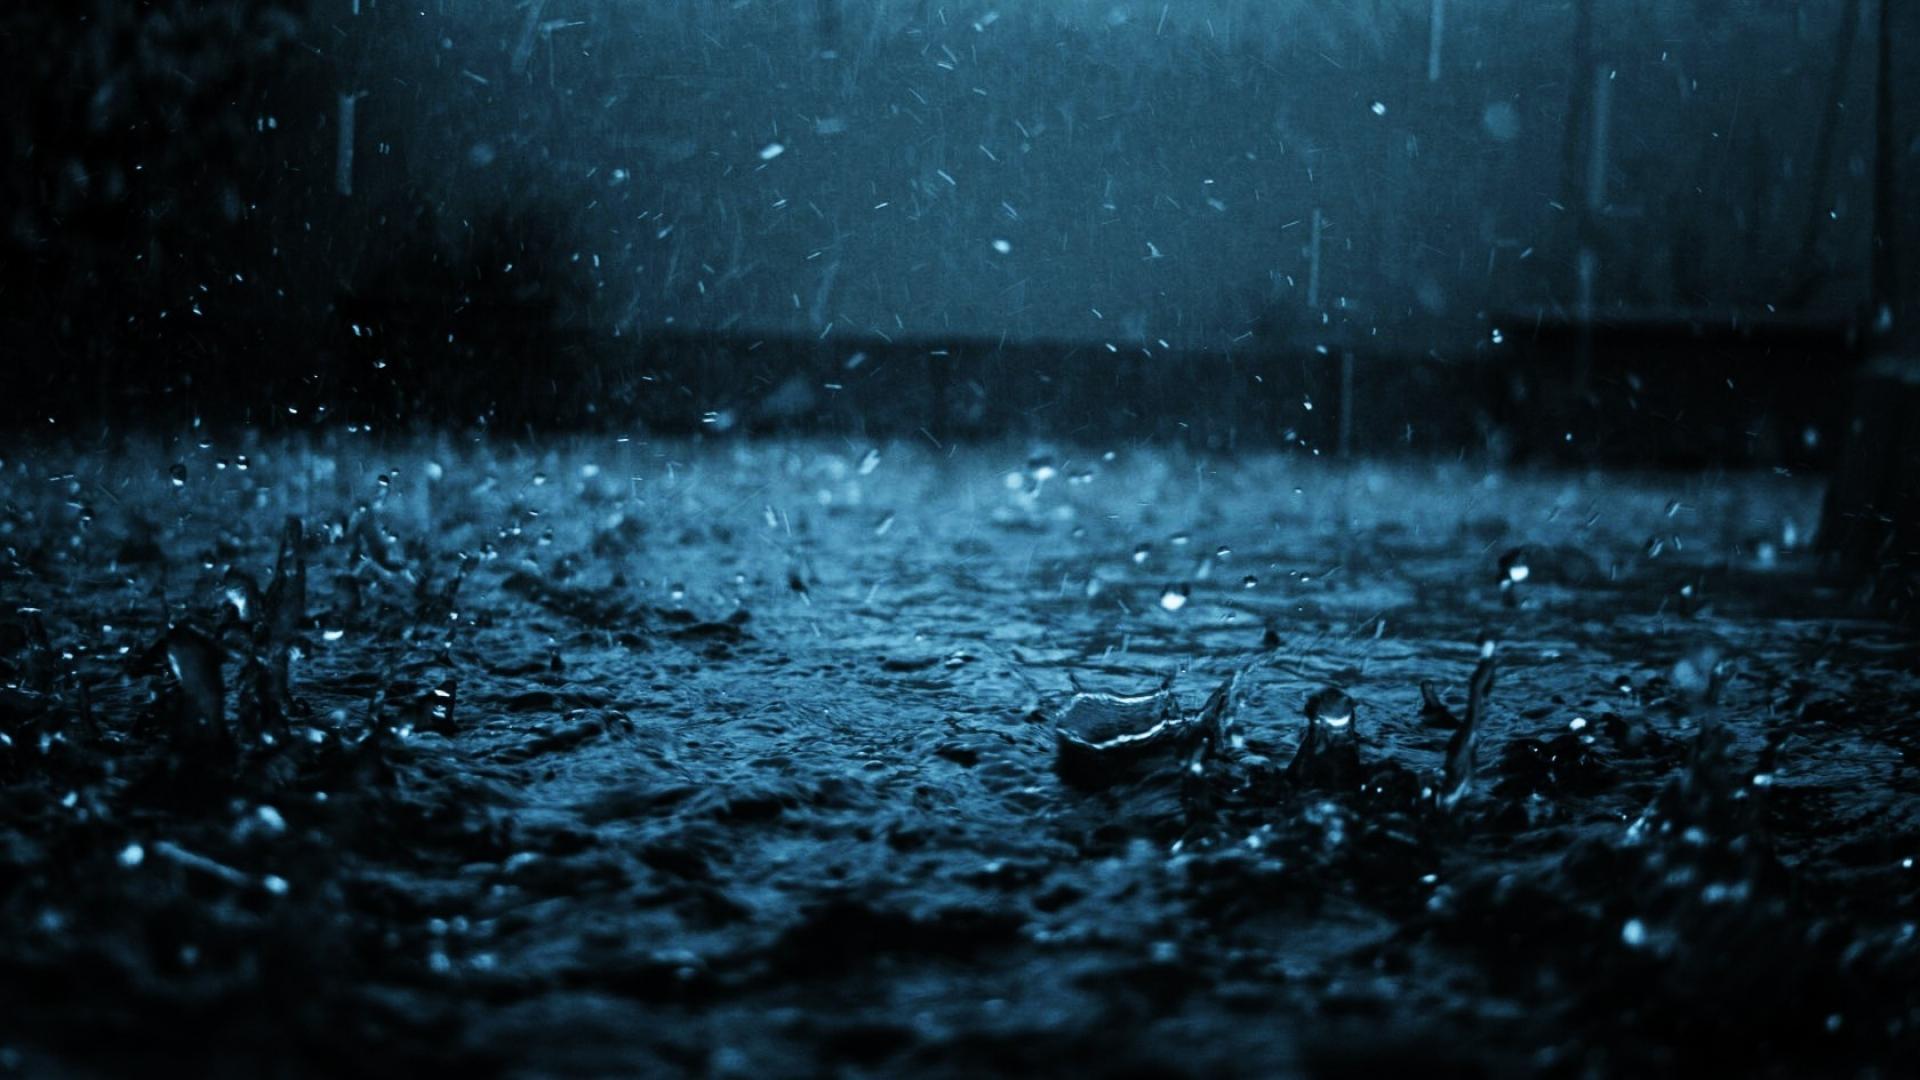 Rainy Wallpapers 1080p - WallpaperSafari